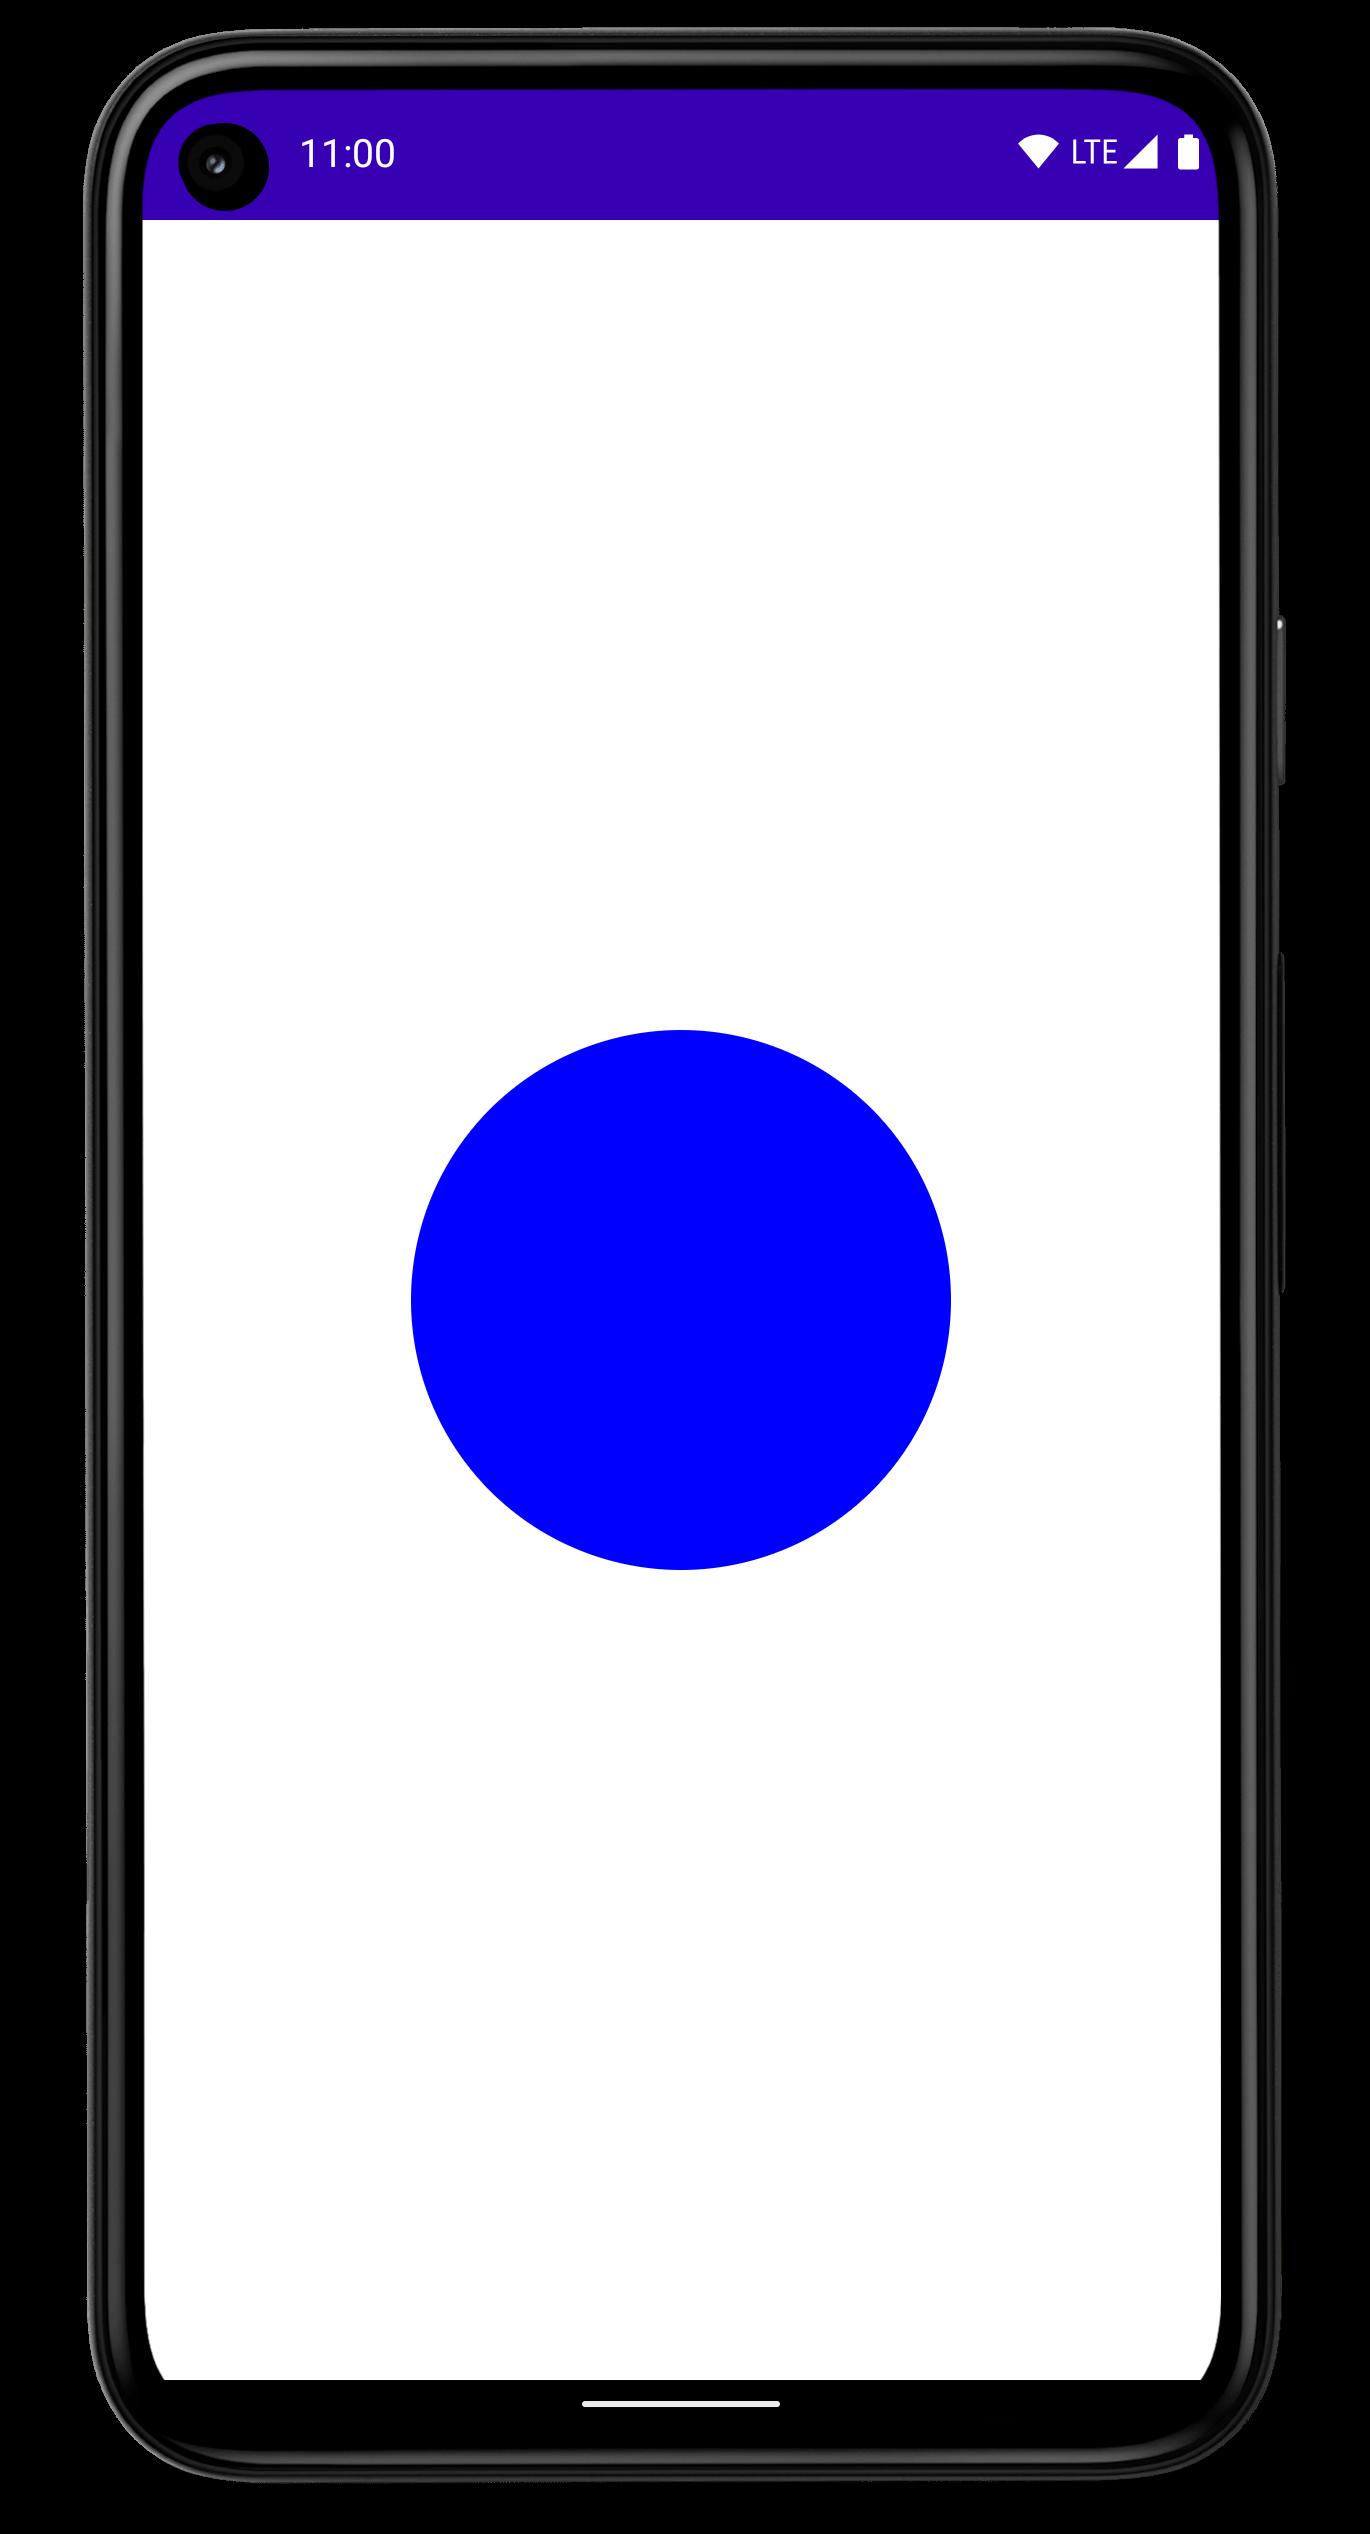 青い円が画面の中央に表示されたスマートフォン。